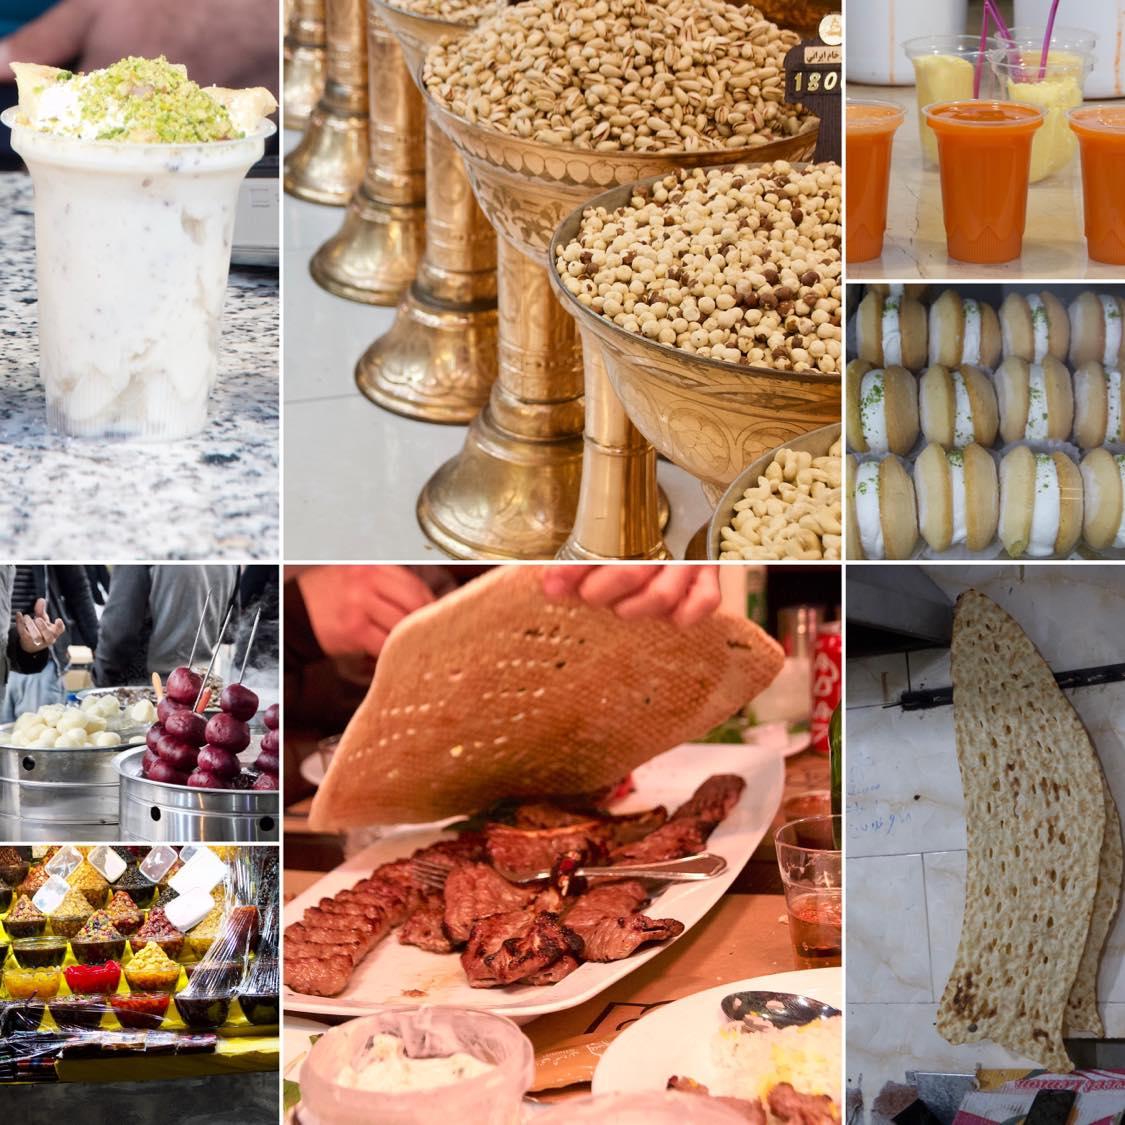 Kulinarischer Tehran, Essen in Tehran, Street-Food-Markt Tehran